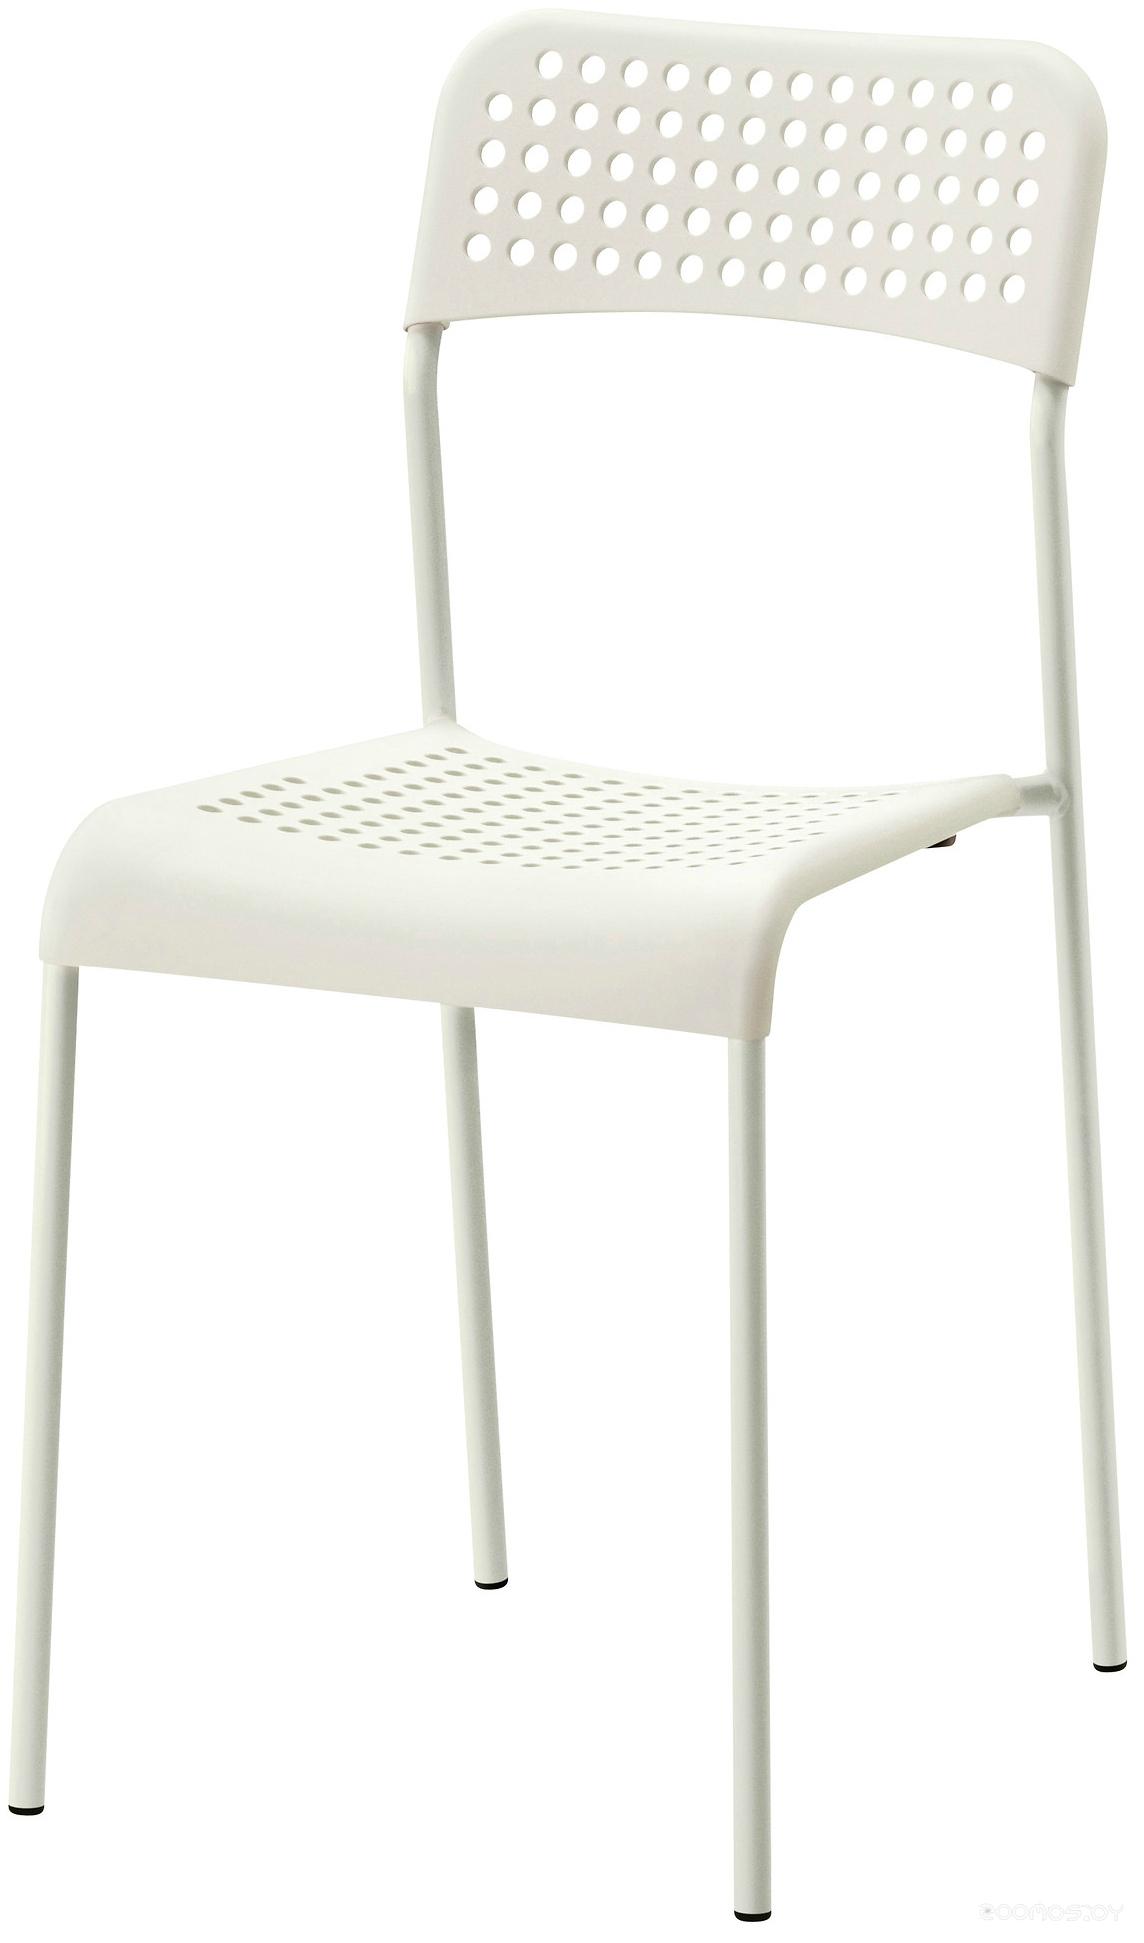 Стул Ikea Адде (White)